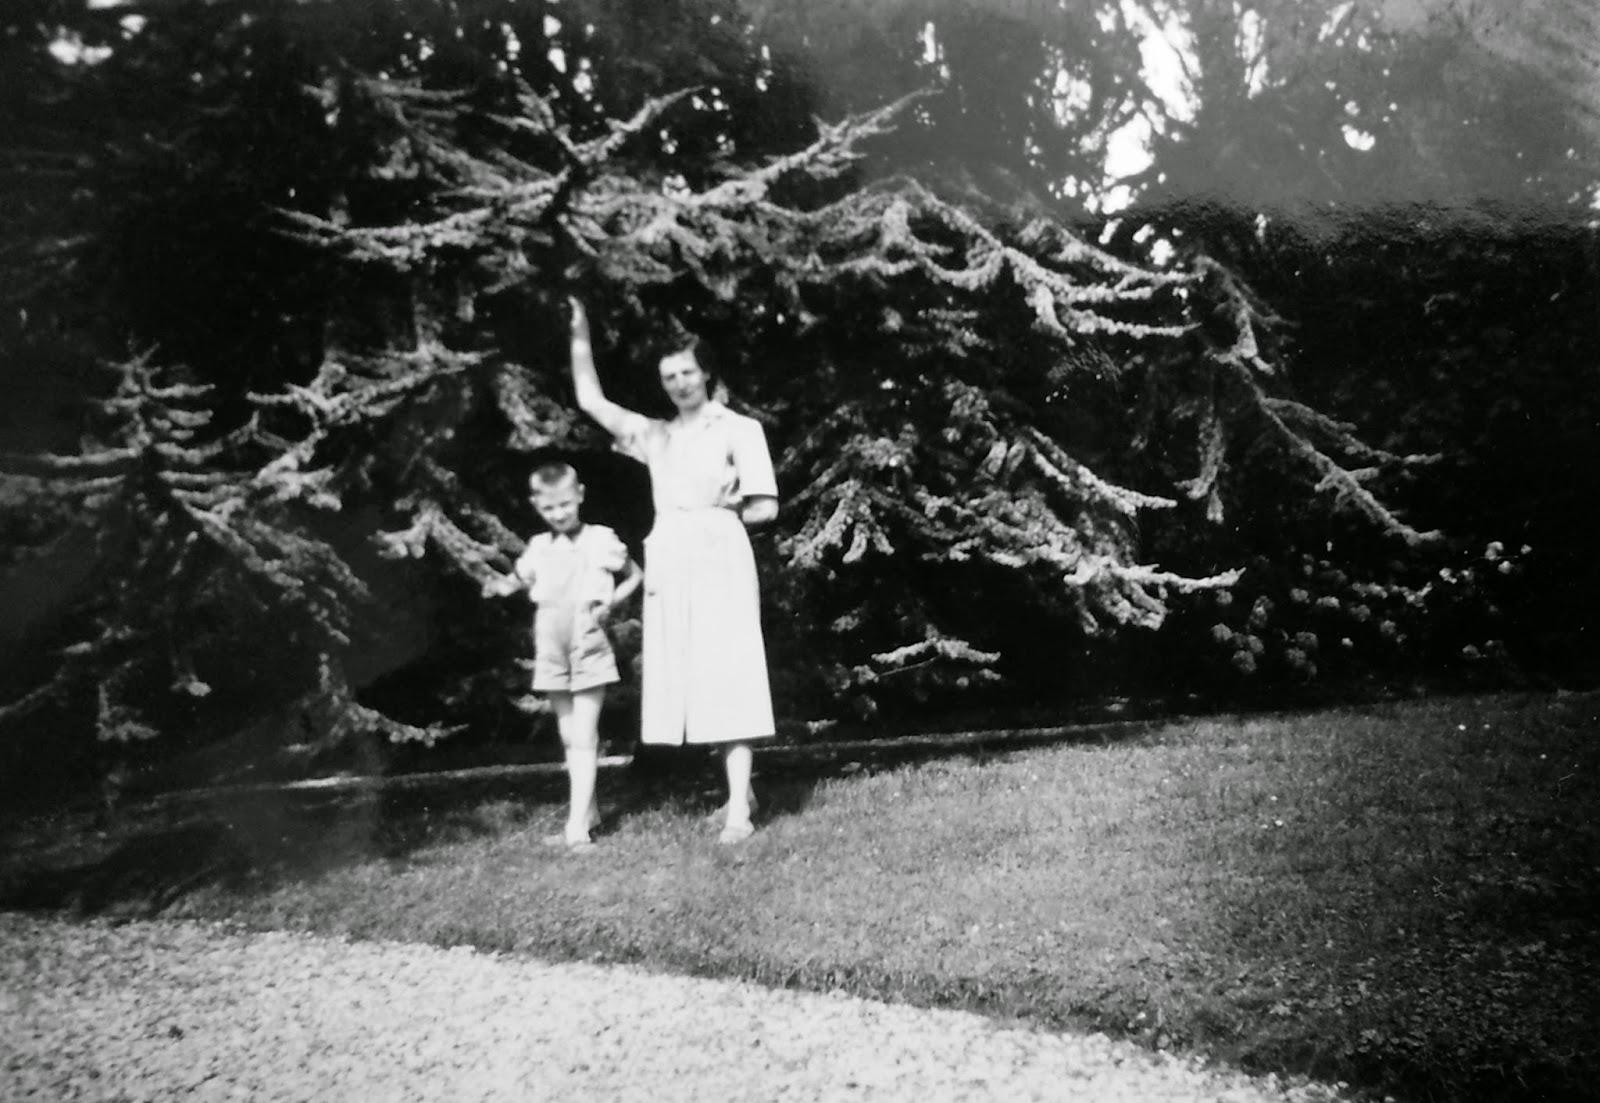 Le blog des amis de la villa cavrois des archives familiales for Piscine ypres